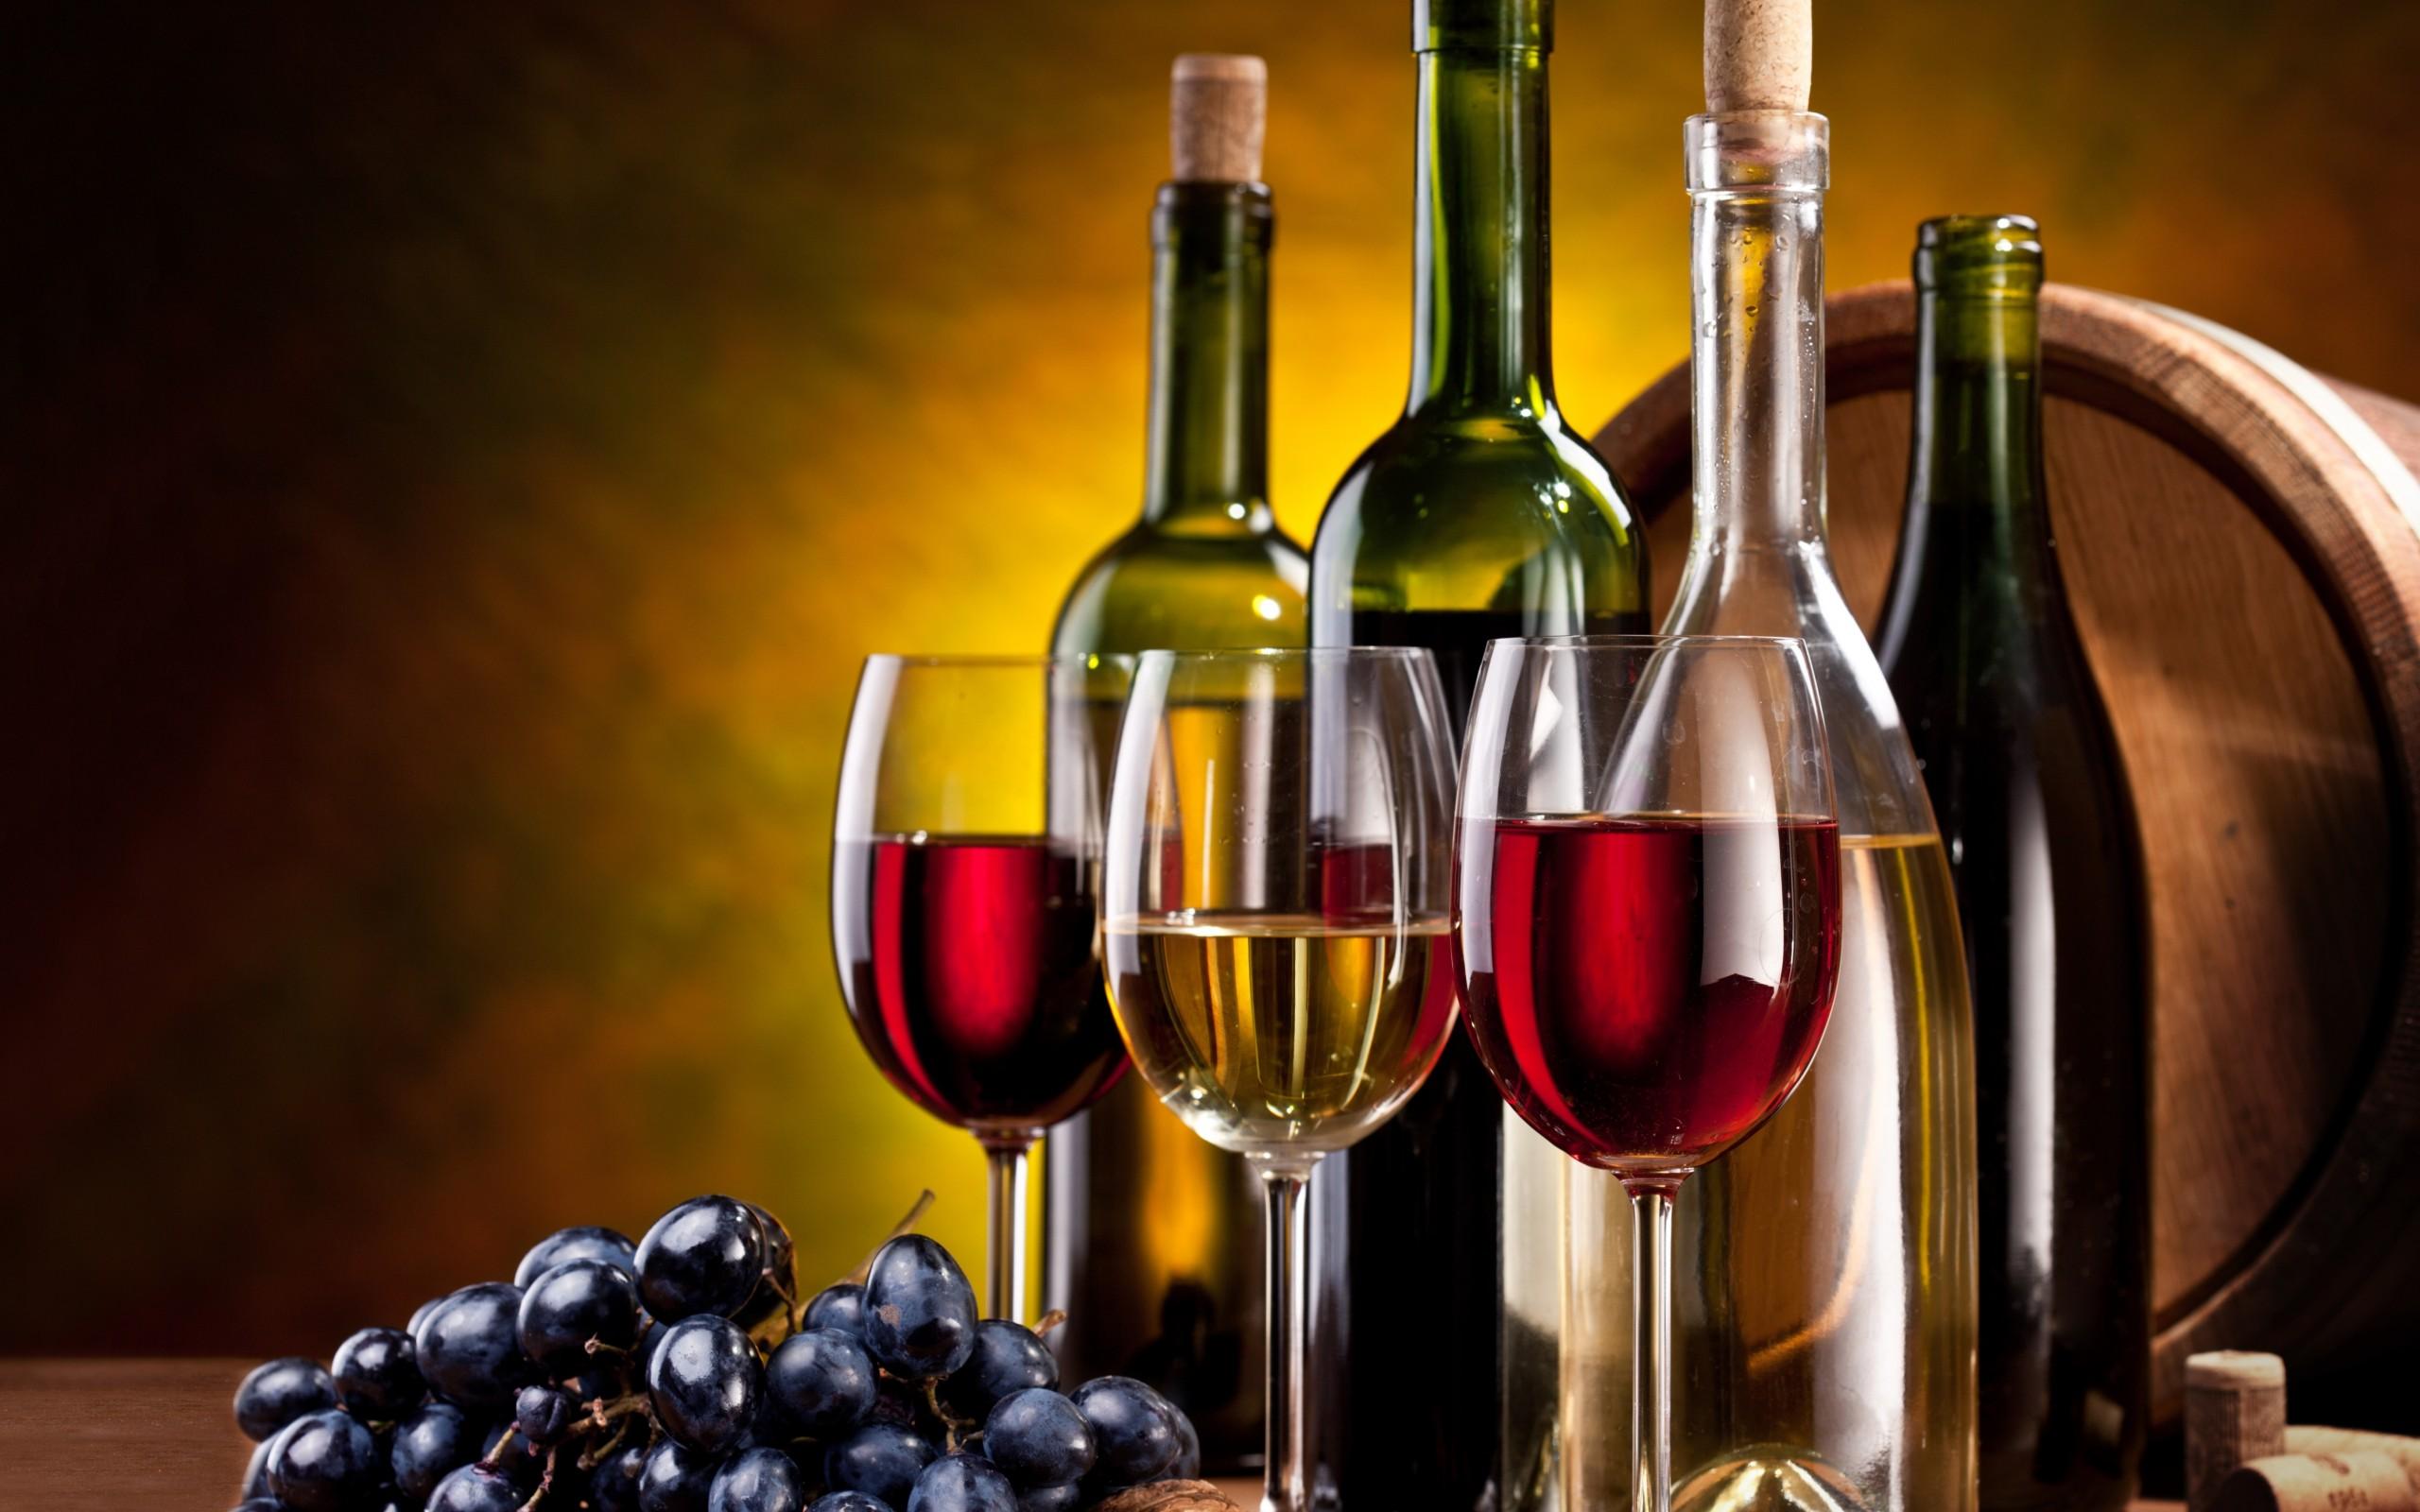 Thủ tục nhập khẩu rượu gồm những gì?